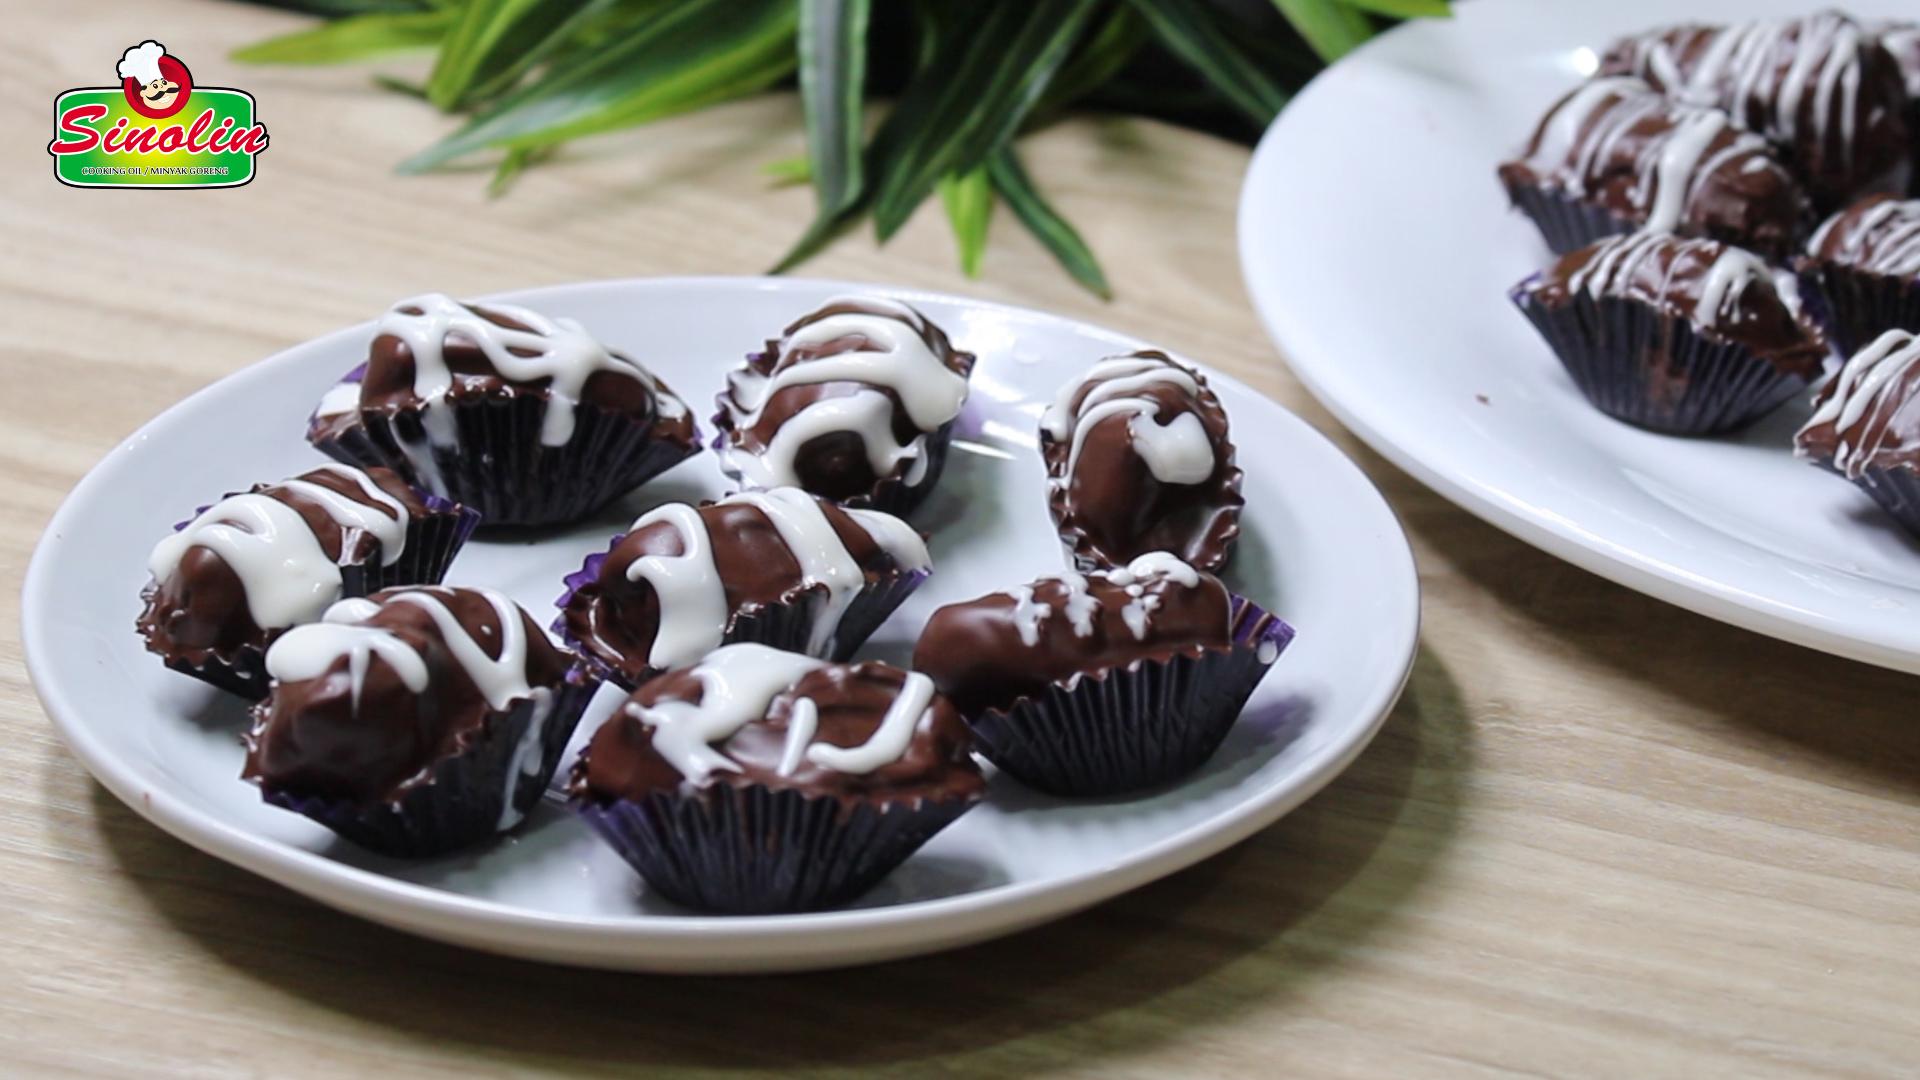 Kurma Coklat Oleh Dapur Sinolin